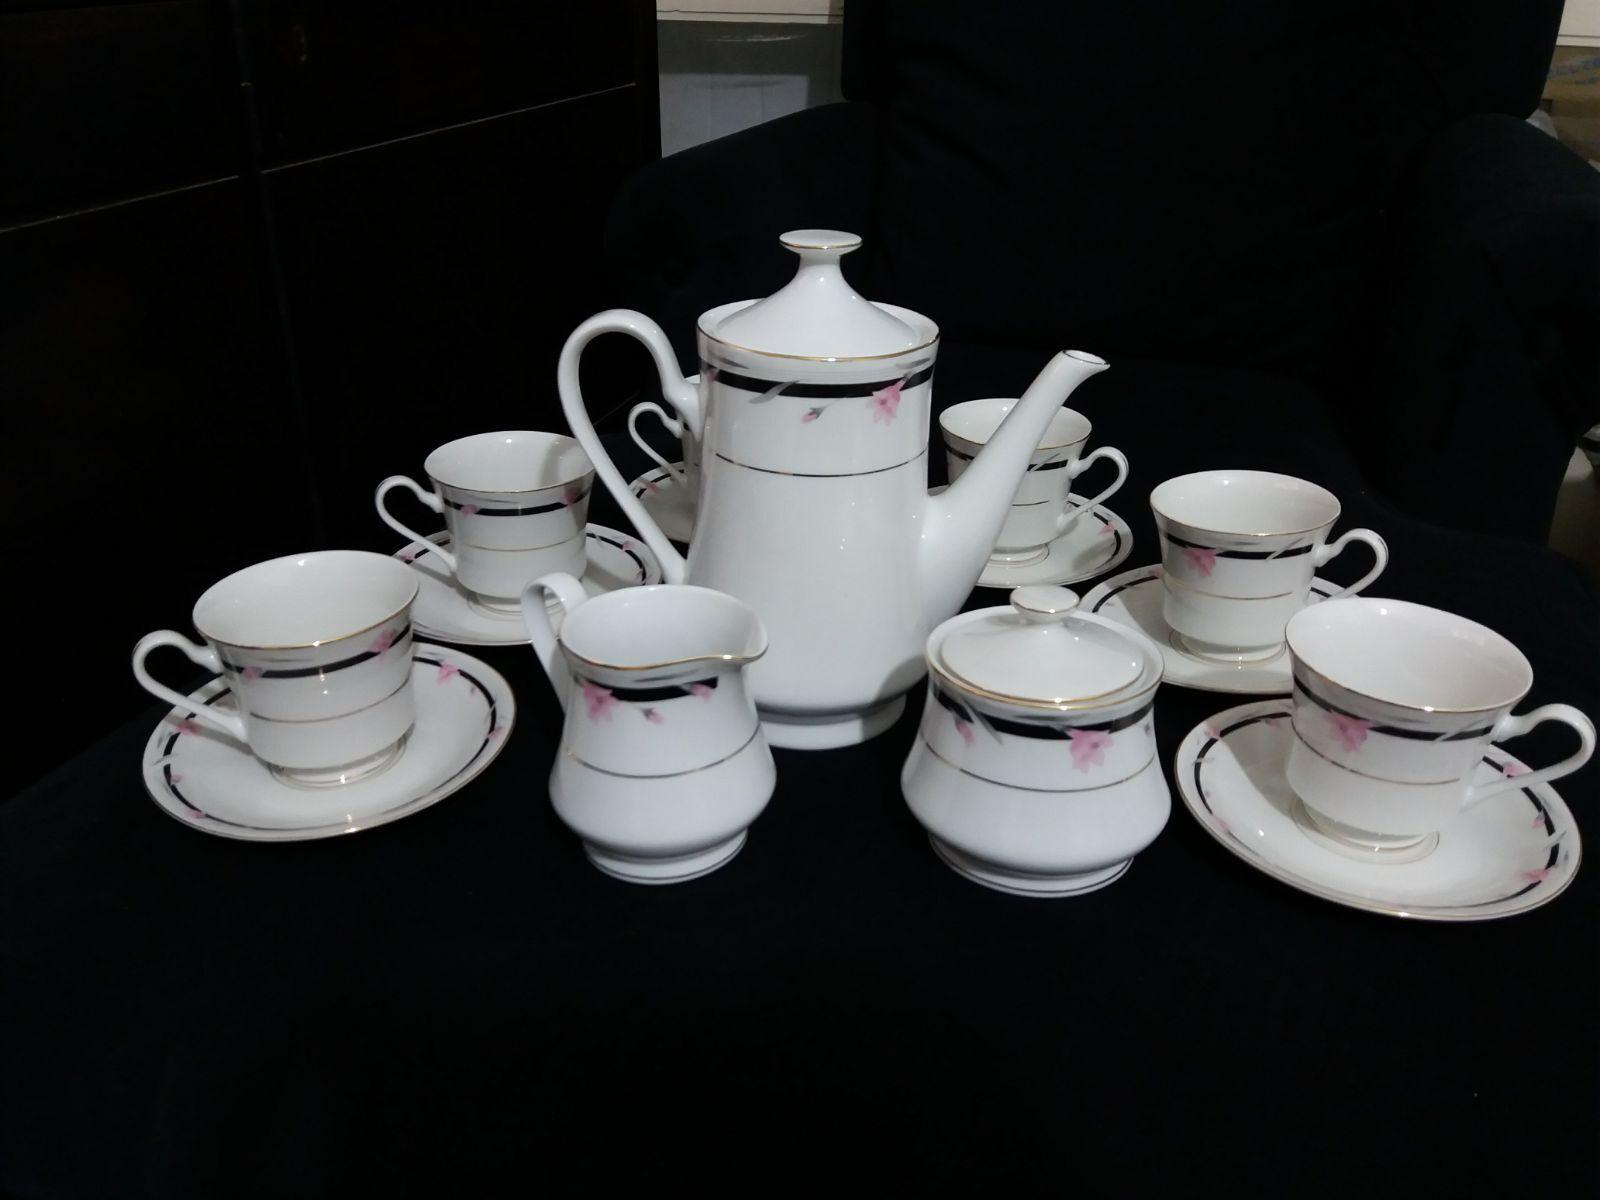 Tea Set en Porcelaine fleurs Roses Décoration 17 pcs